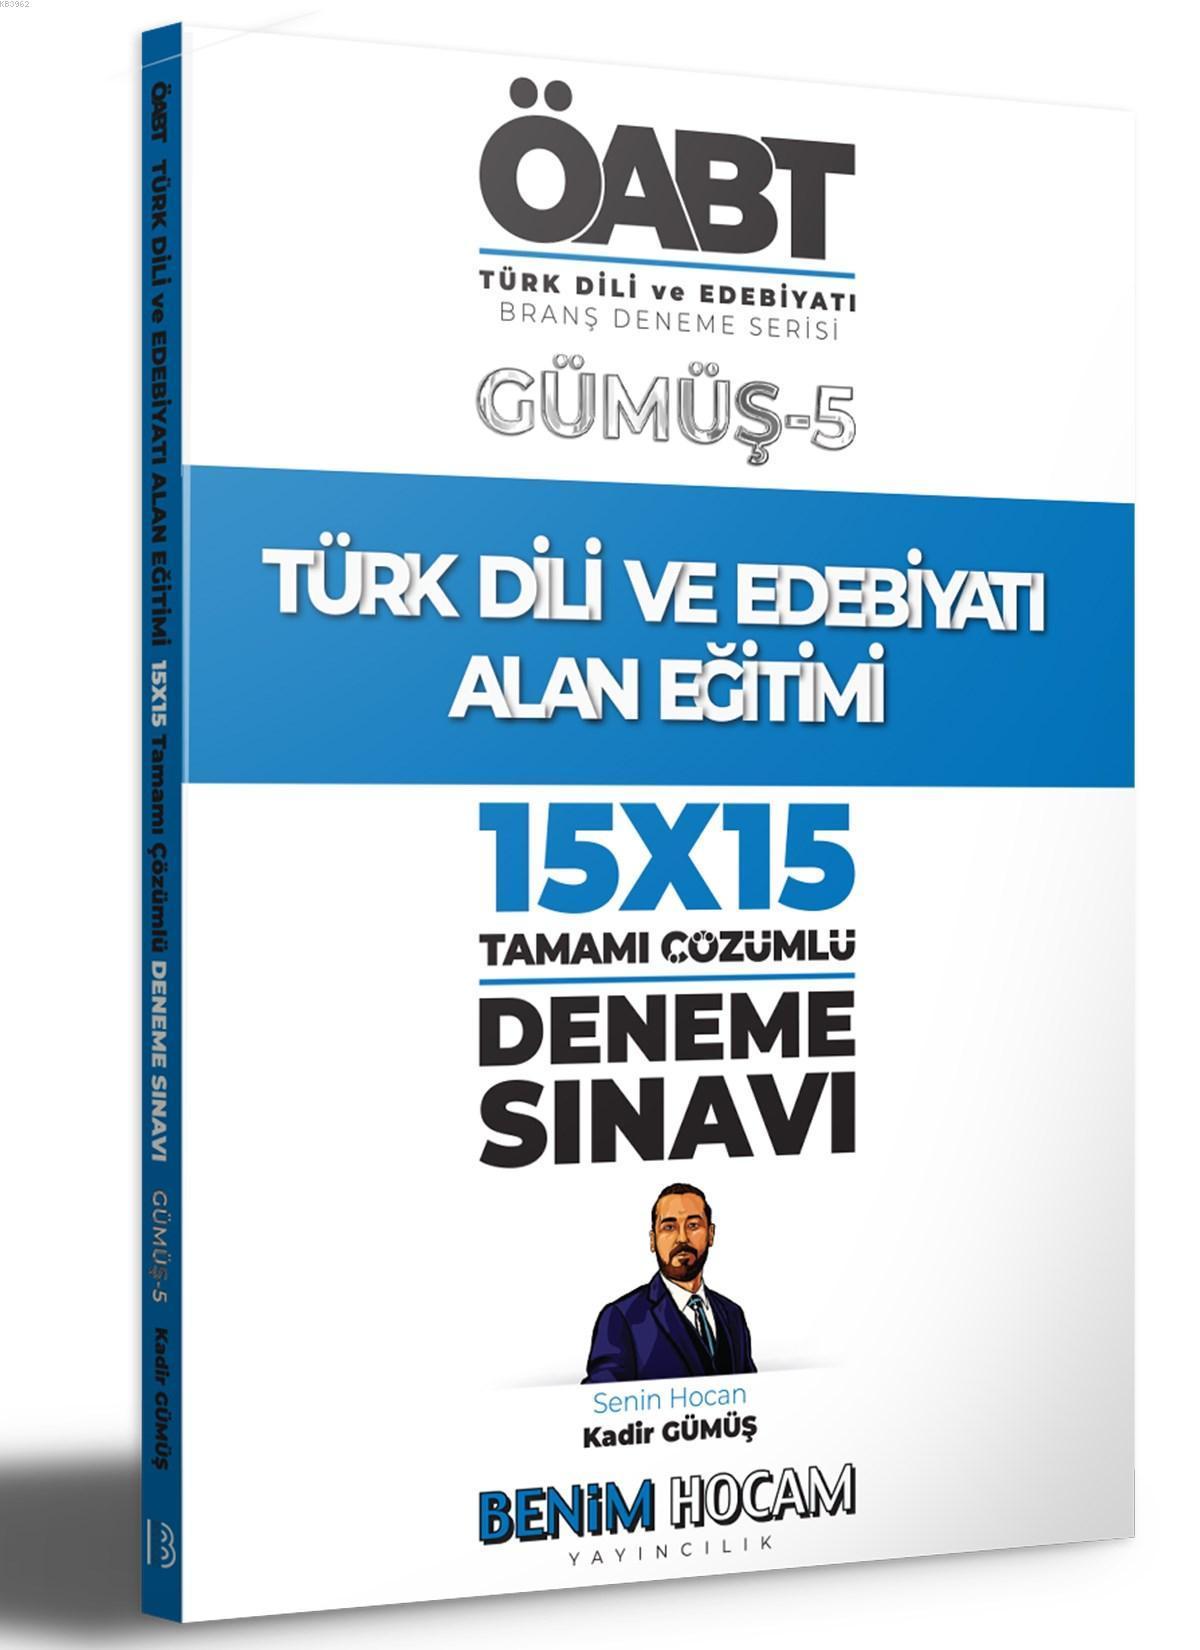 2021 KPSS Gümüş Serisi 5 ÖABT Türk Dili ve Edebiyatı Alan Eğitimi Deneme Sınavları Benim Hocam